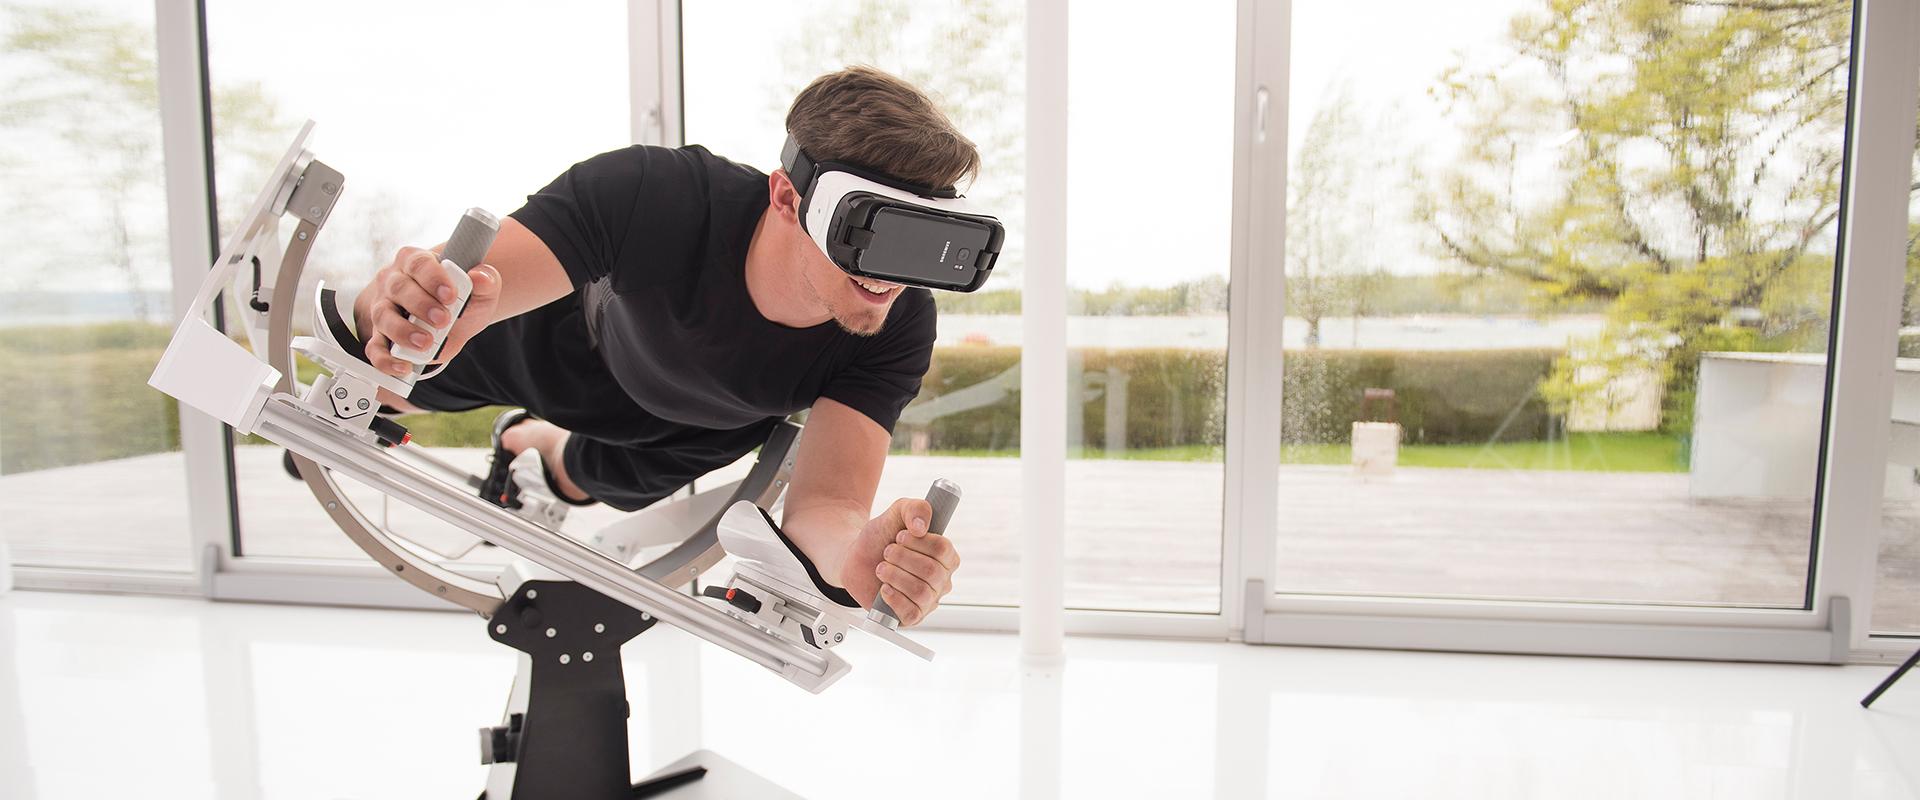 Июньские заметки о виртуальной реальности. Часть 2